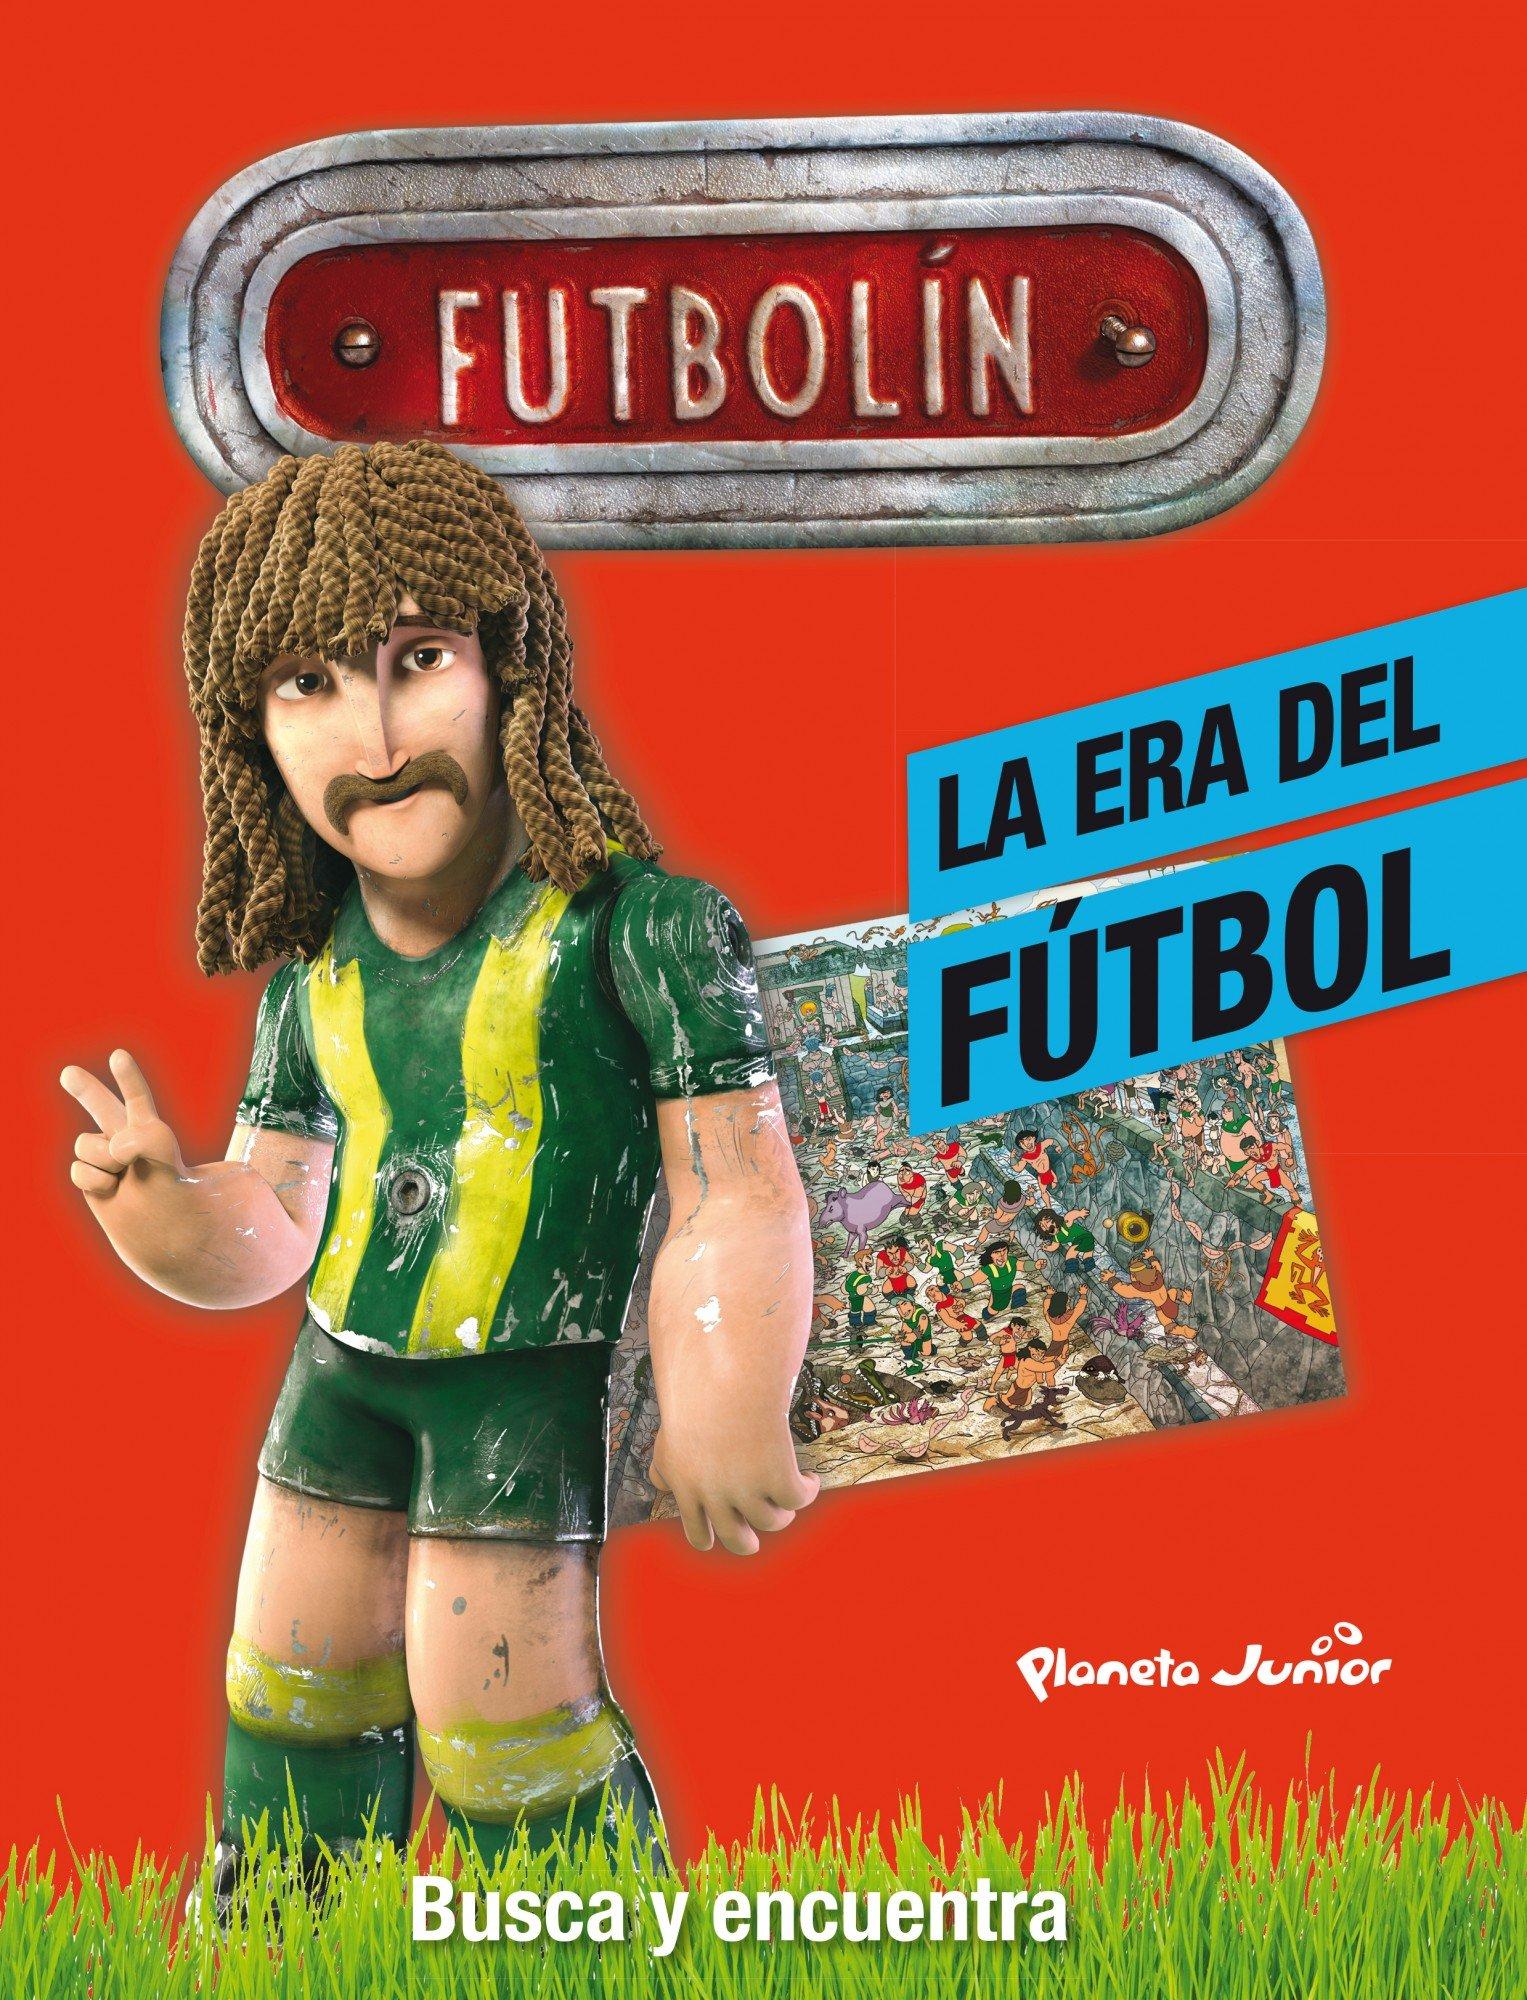 Futbolín. Era del fútbol: Busca y encuentra: Amazon.es: AA. VV ...